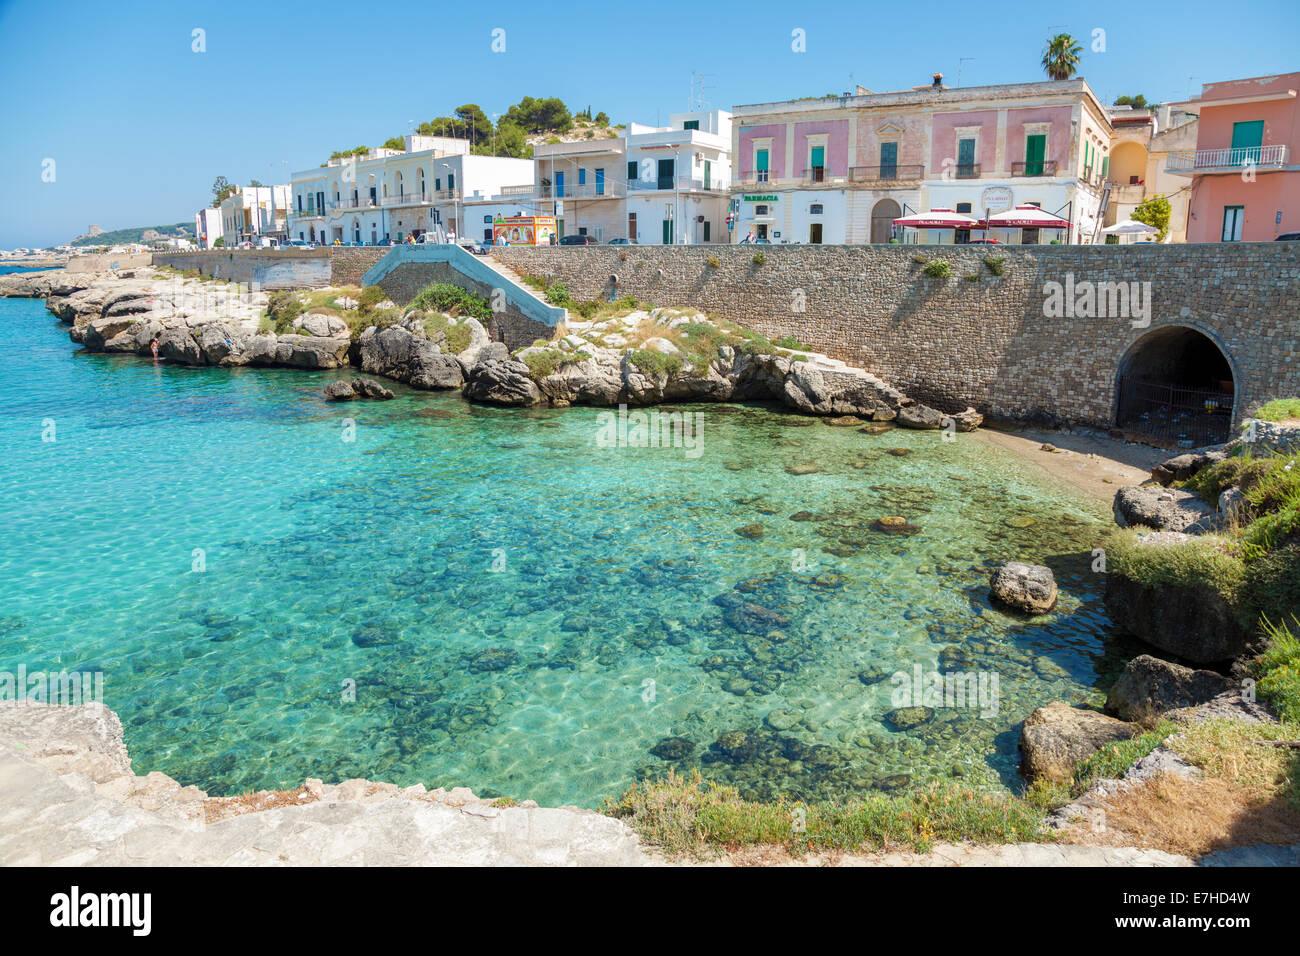 Santa Maria Del Bagno Pesche.Italy Puglia Gallipoli Santa Maria Immagini Italy Puglia Gallipoli